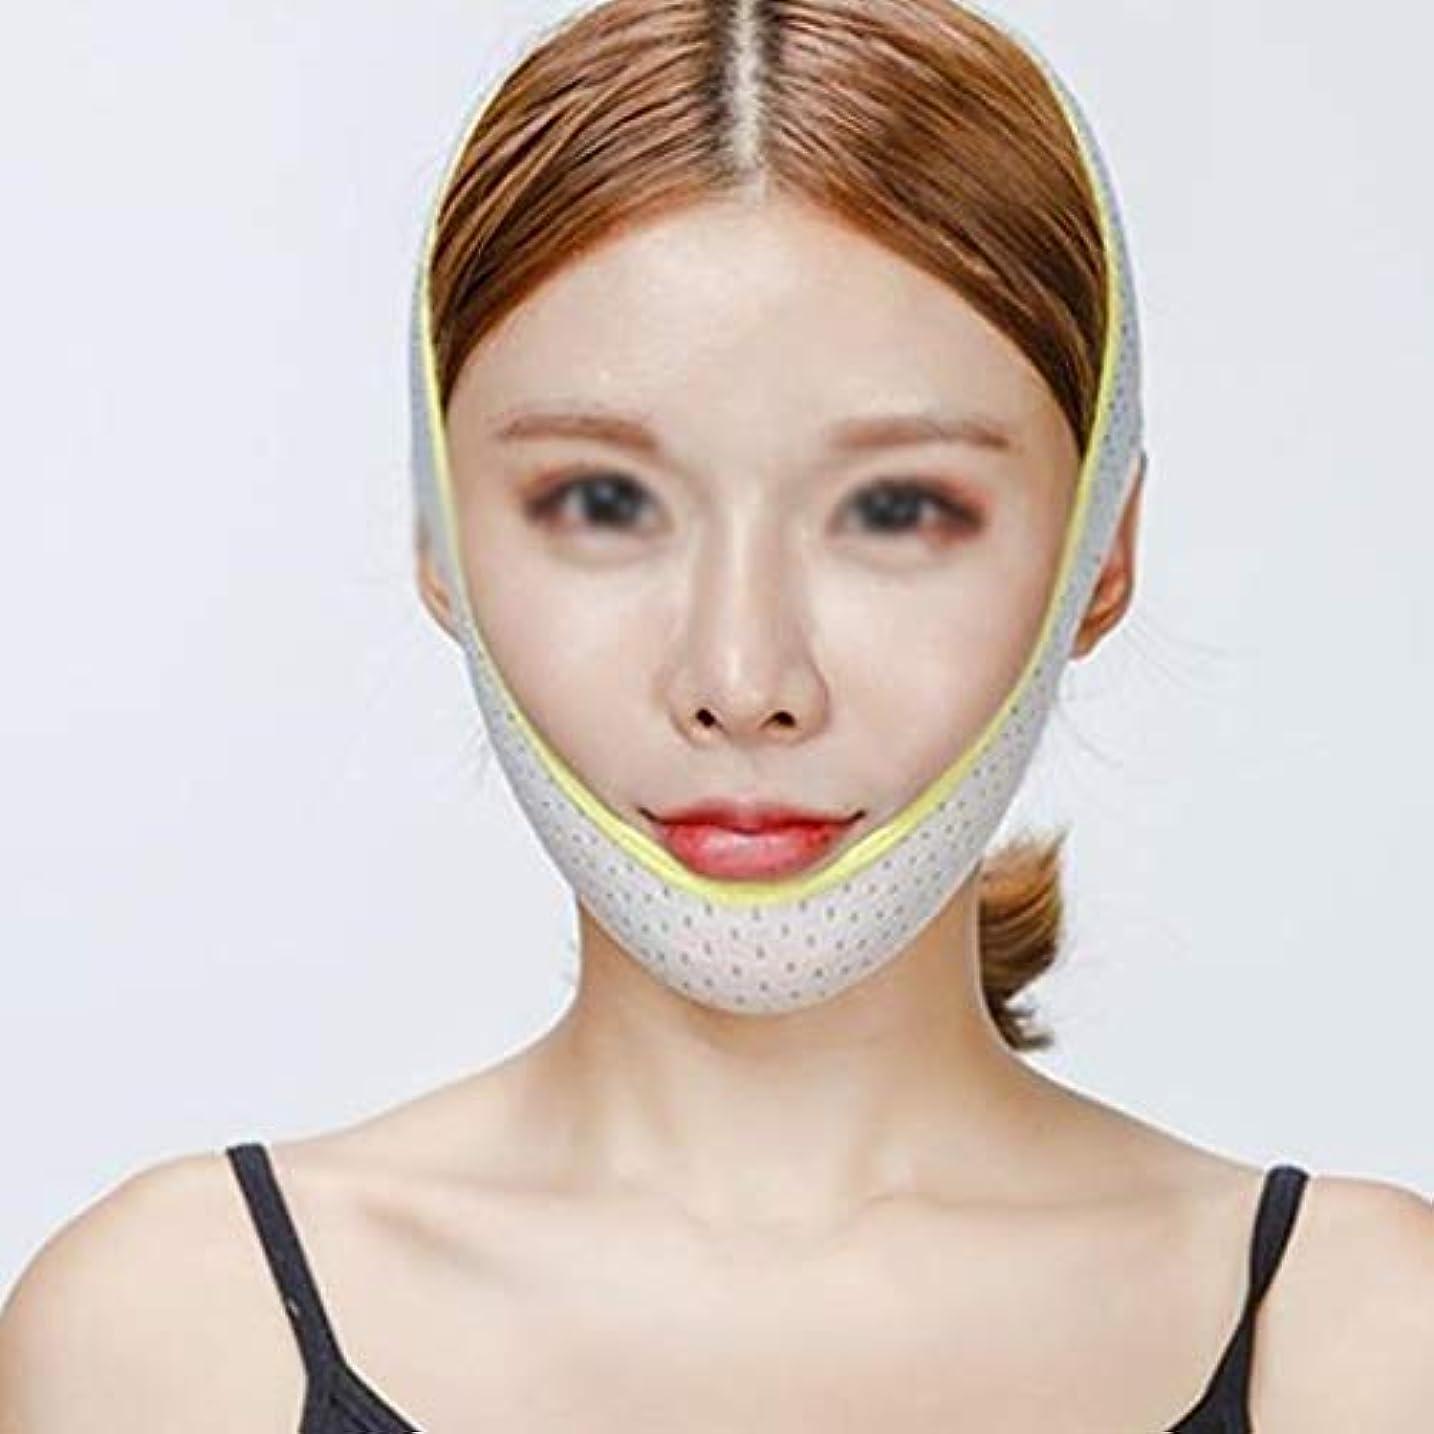 混雑満員ユーモアZWBD フェイスマスク, Vフェイスアーティファクトフェイスリフトステッカー本物のフェイスリフト韓国フェイスフェイシャルリフティングファーミングインストゥルメントフェイシャルリフティング睡眠包帯